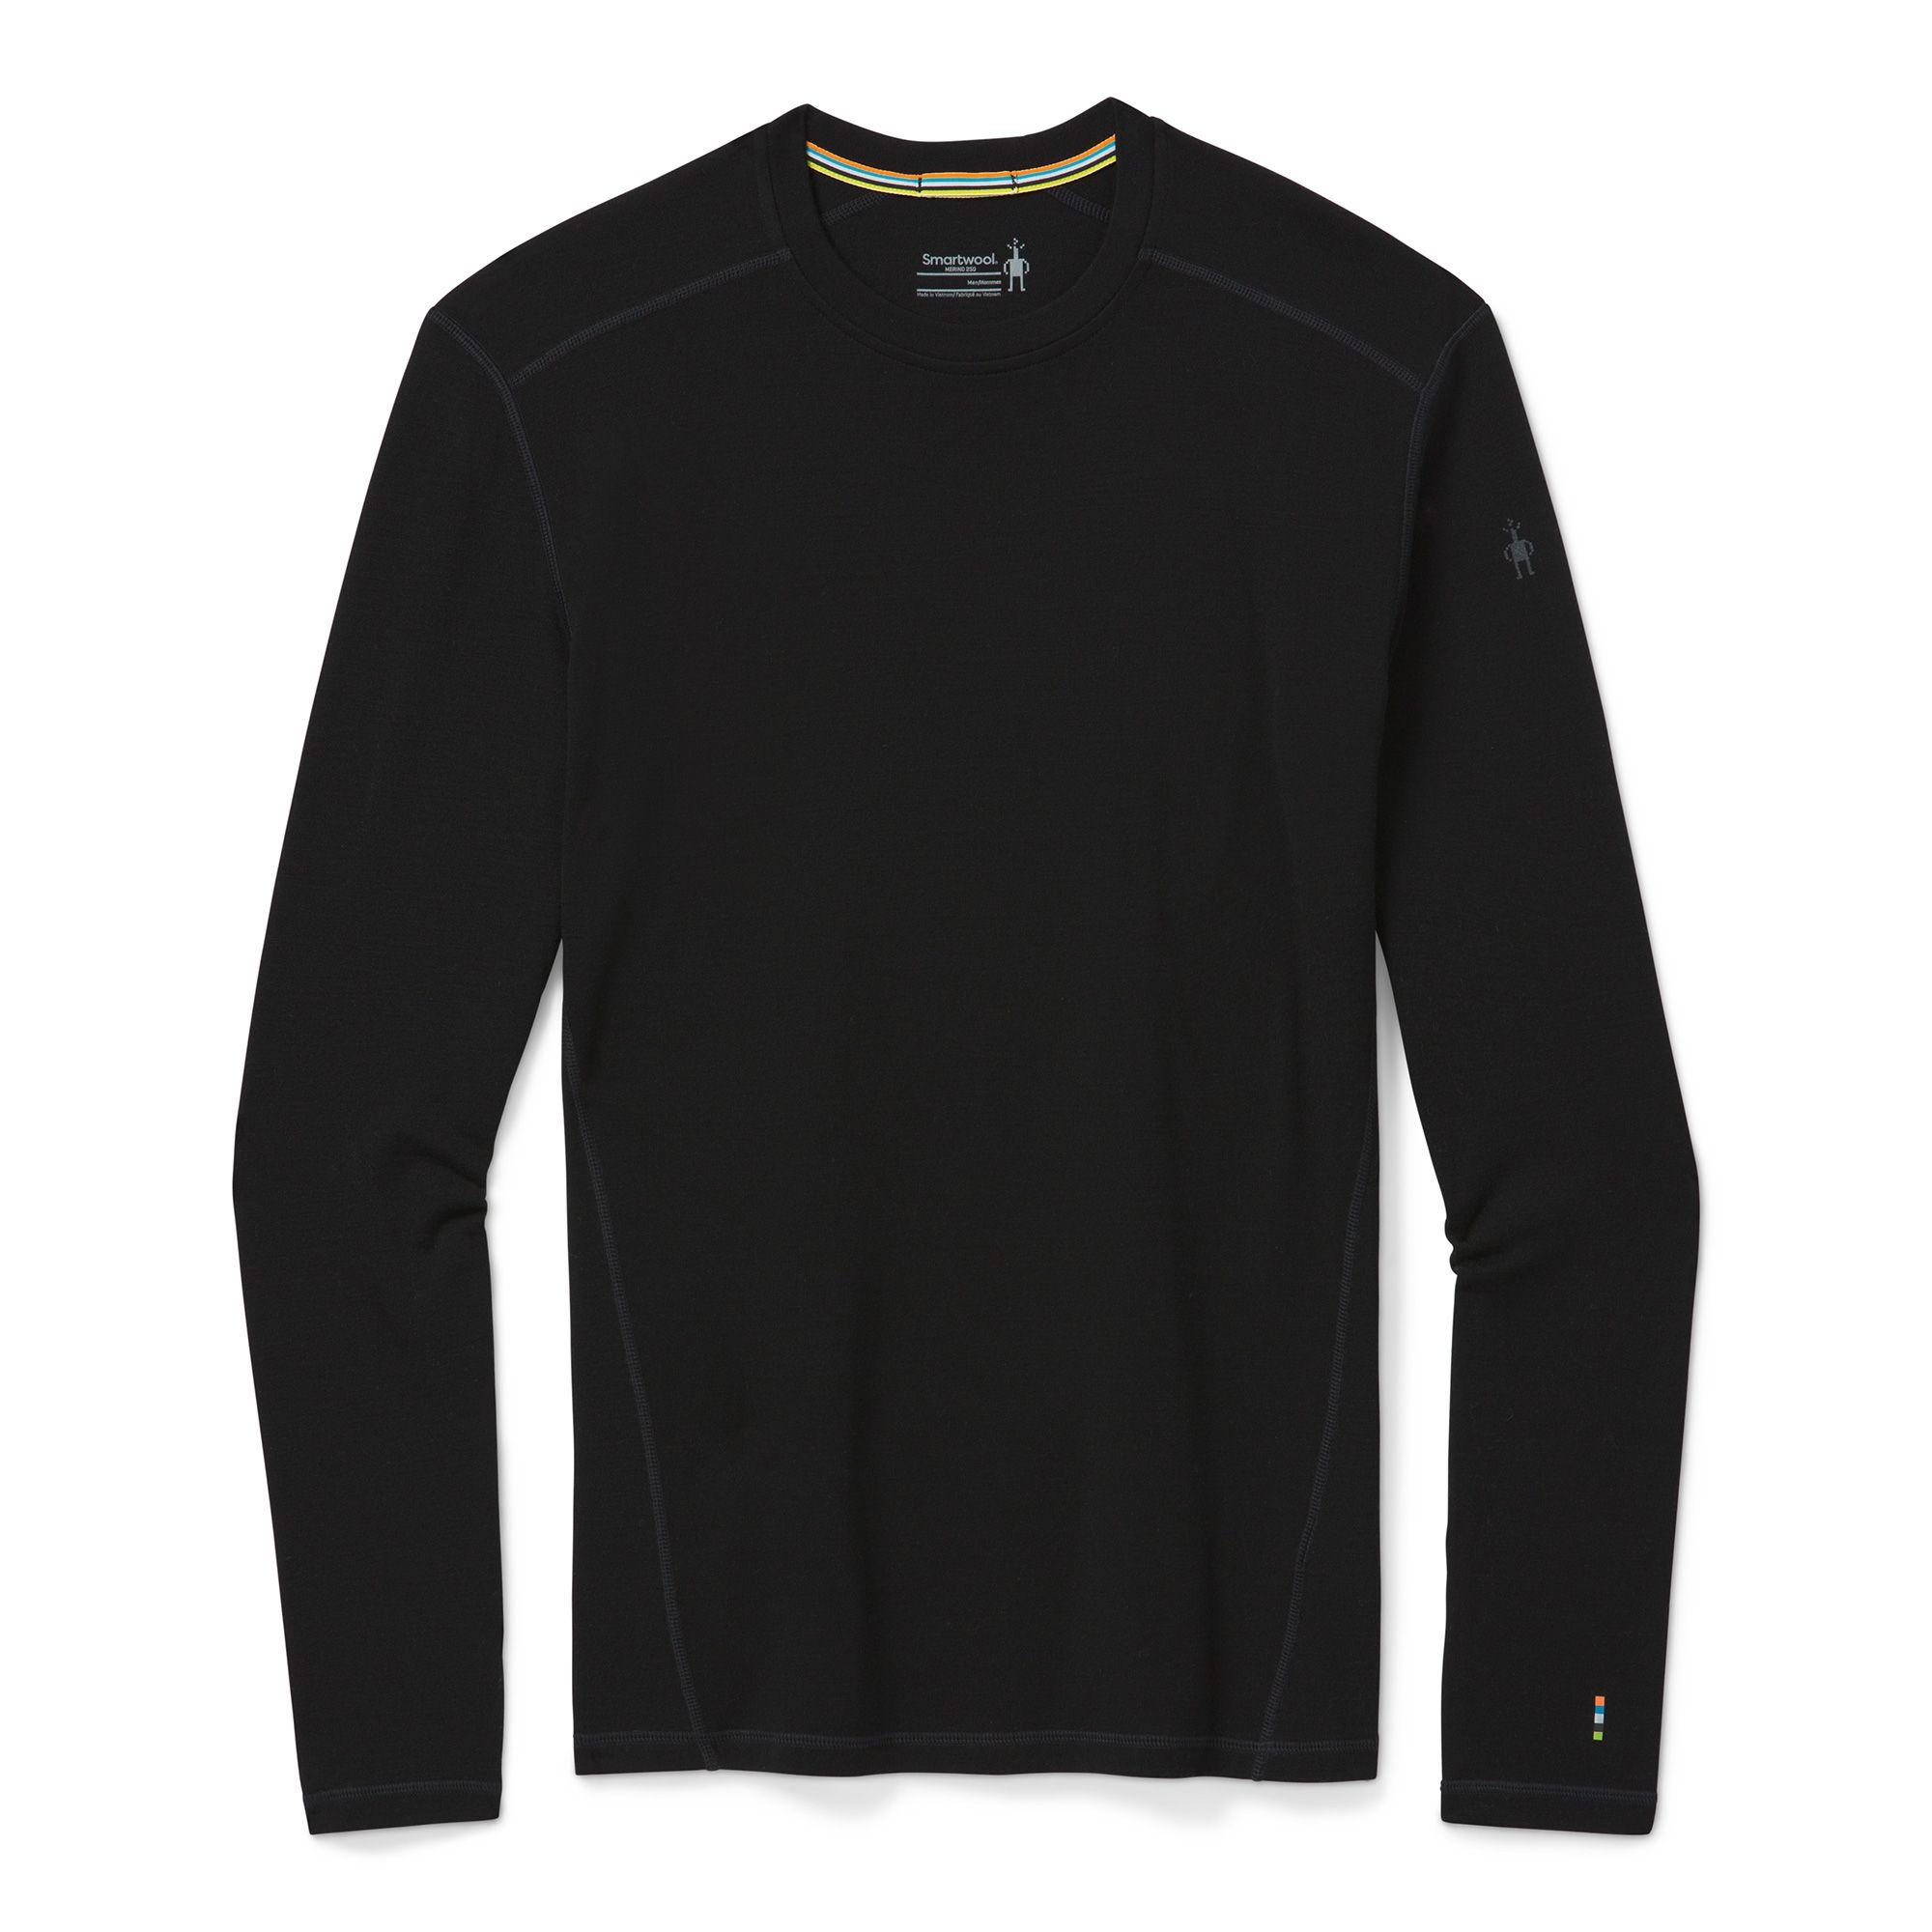 Vêtement de base à encolure ronde Merino250 pour hommes